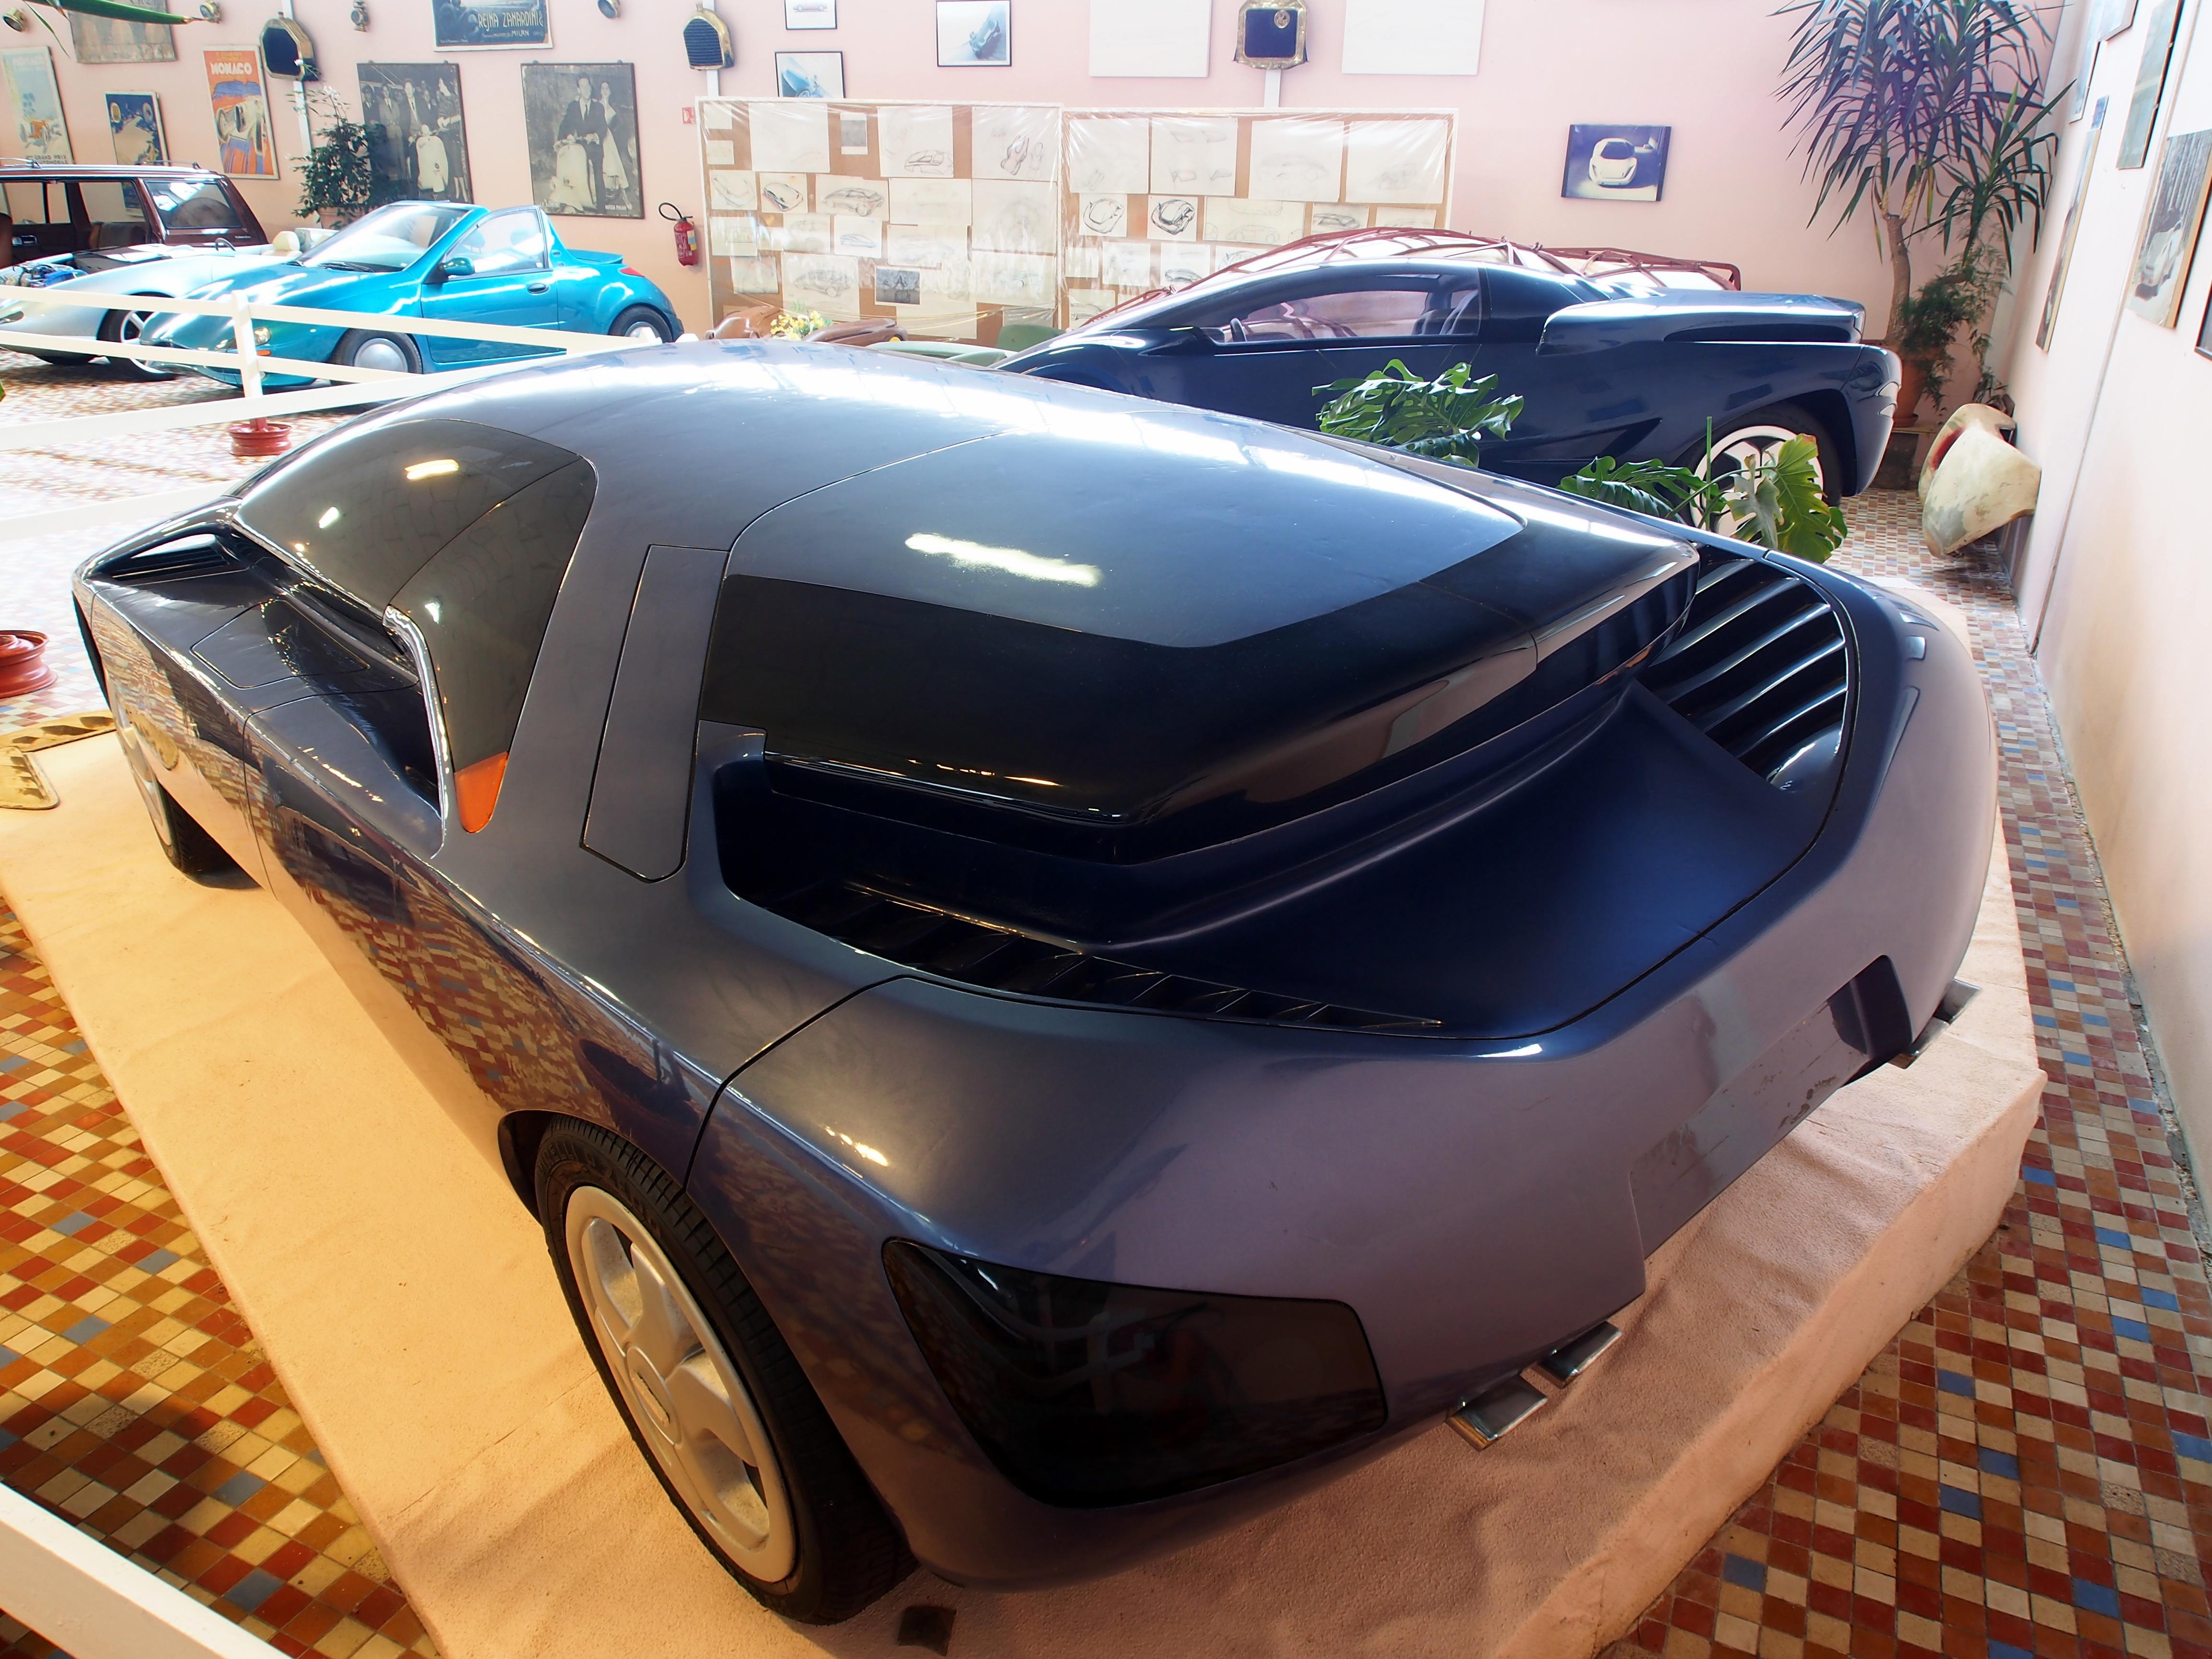 file art tech vera concept car at the mus e automobile de vend e pic 09 jpg wikimedia commons. Black Bedroom Furniture Sets. Home Design Ideas